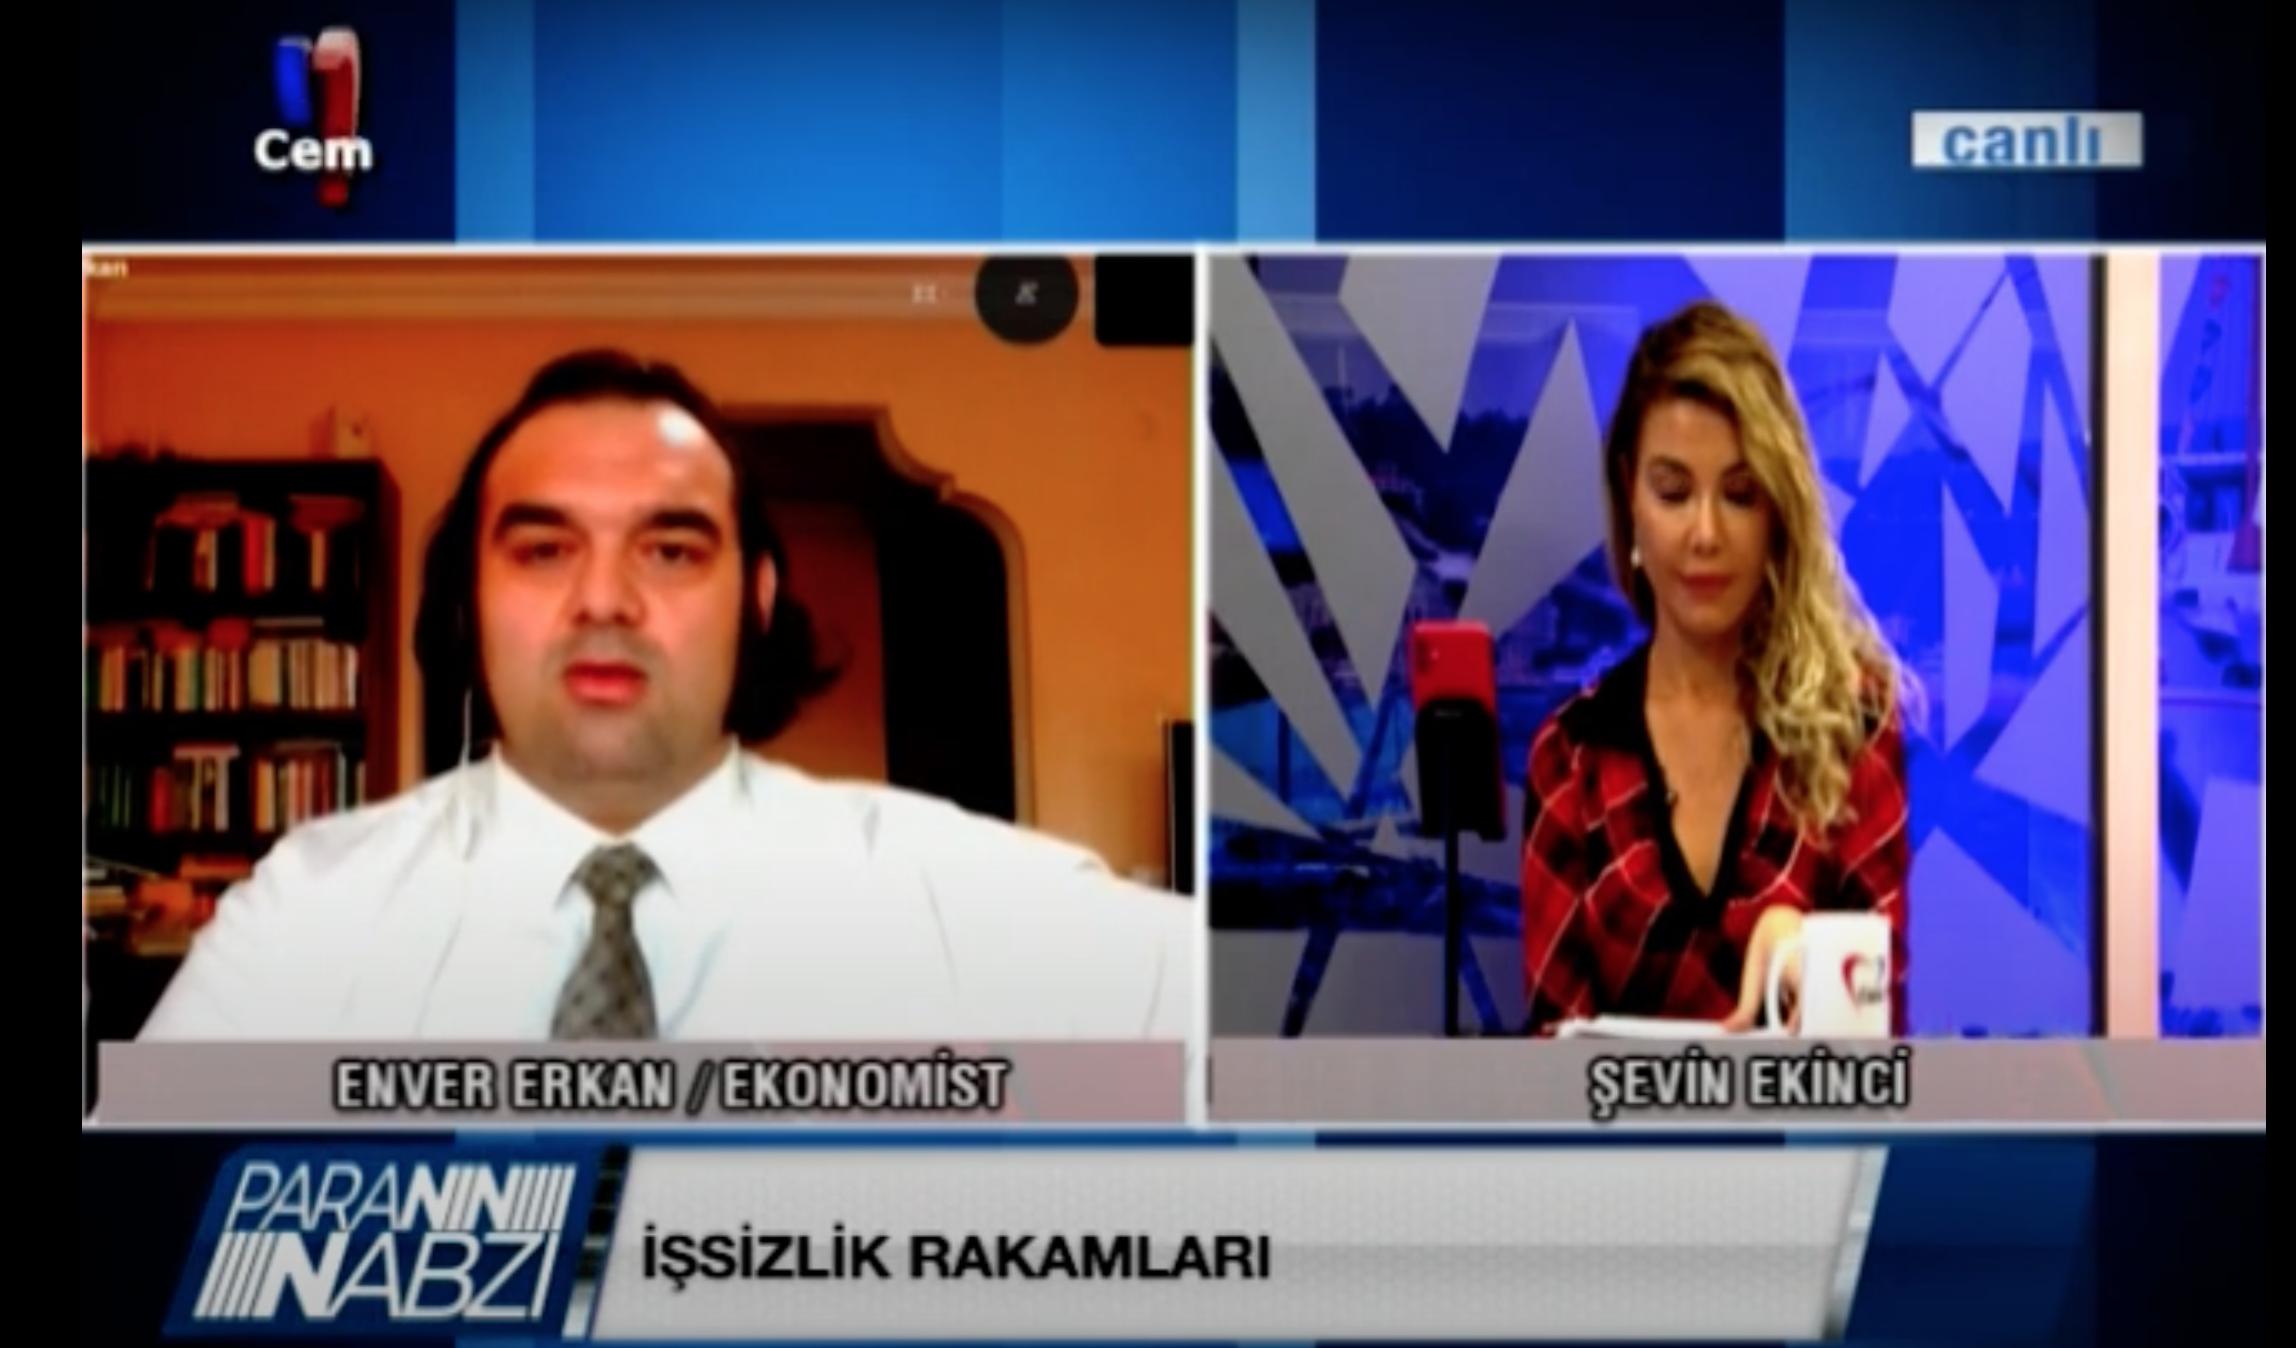 Şevin Ekinci ile Paranın Nabzı | TCBM'den Yeni Hamle | Ekonomist Enver Erkan